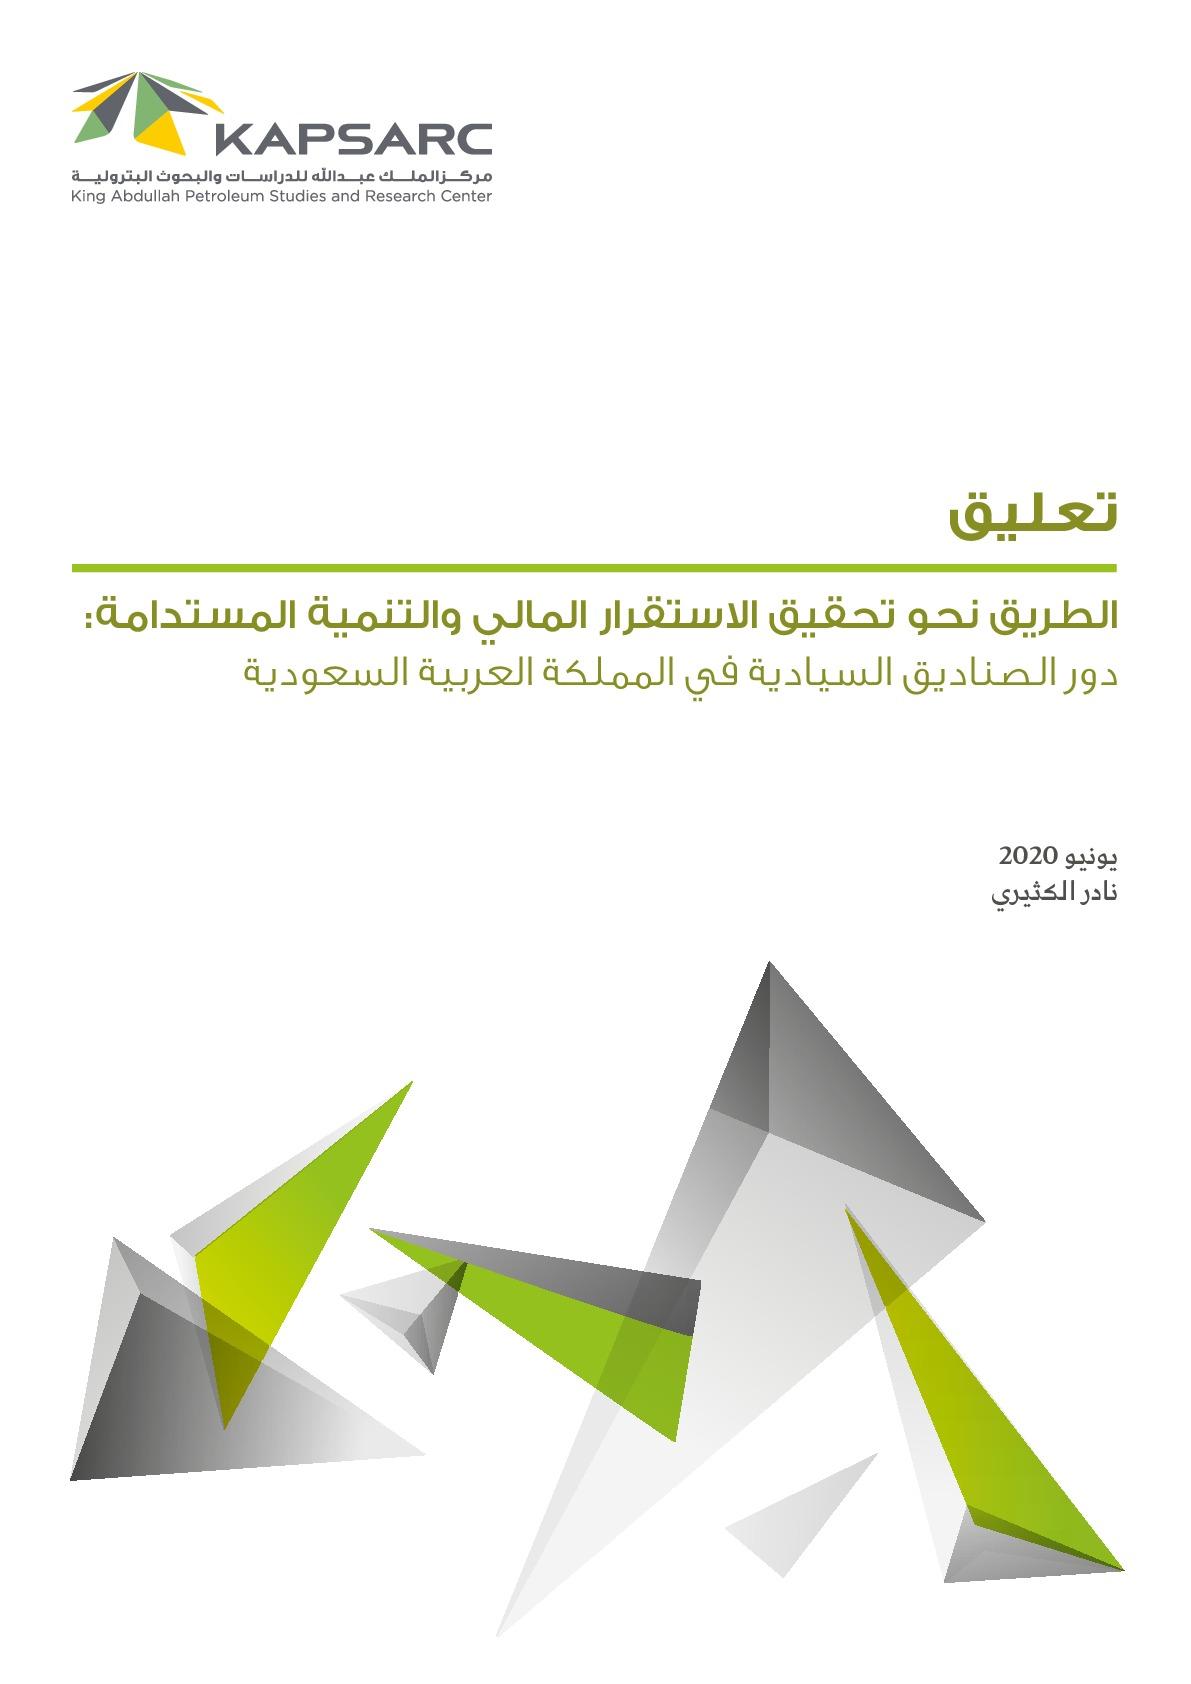 الطريق نحو تحقيق الاستقرار المالي والتنمية المستدامة: دور الصناديق السيادية في المملكة العربية السعودية